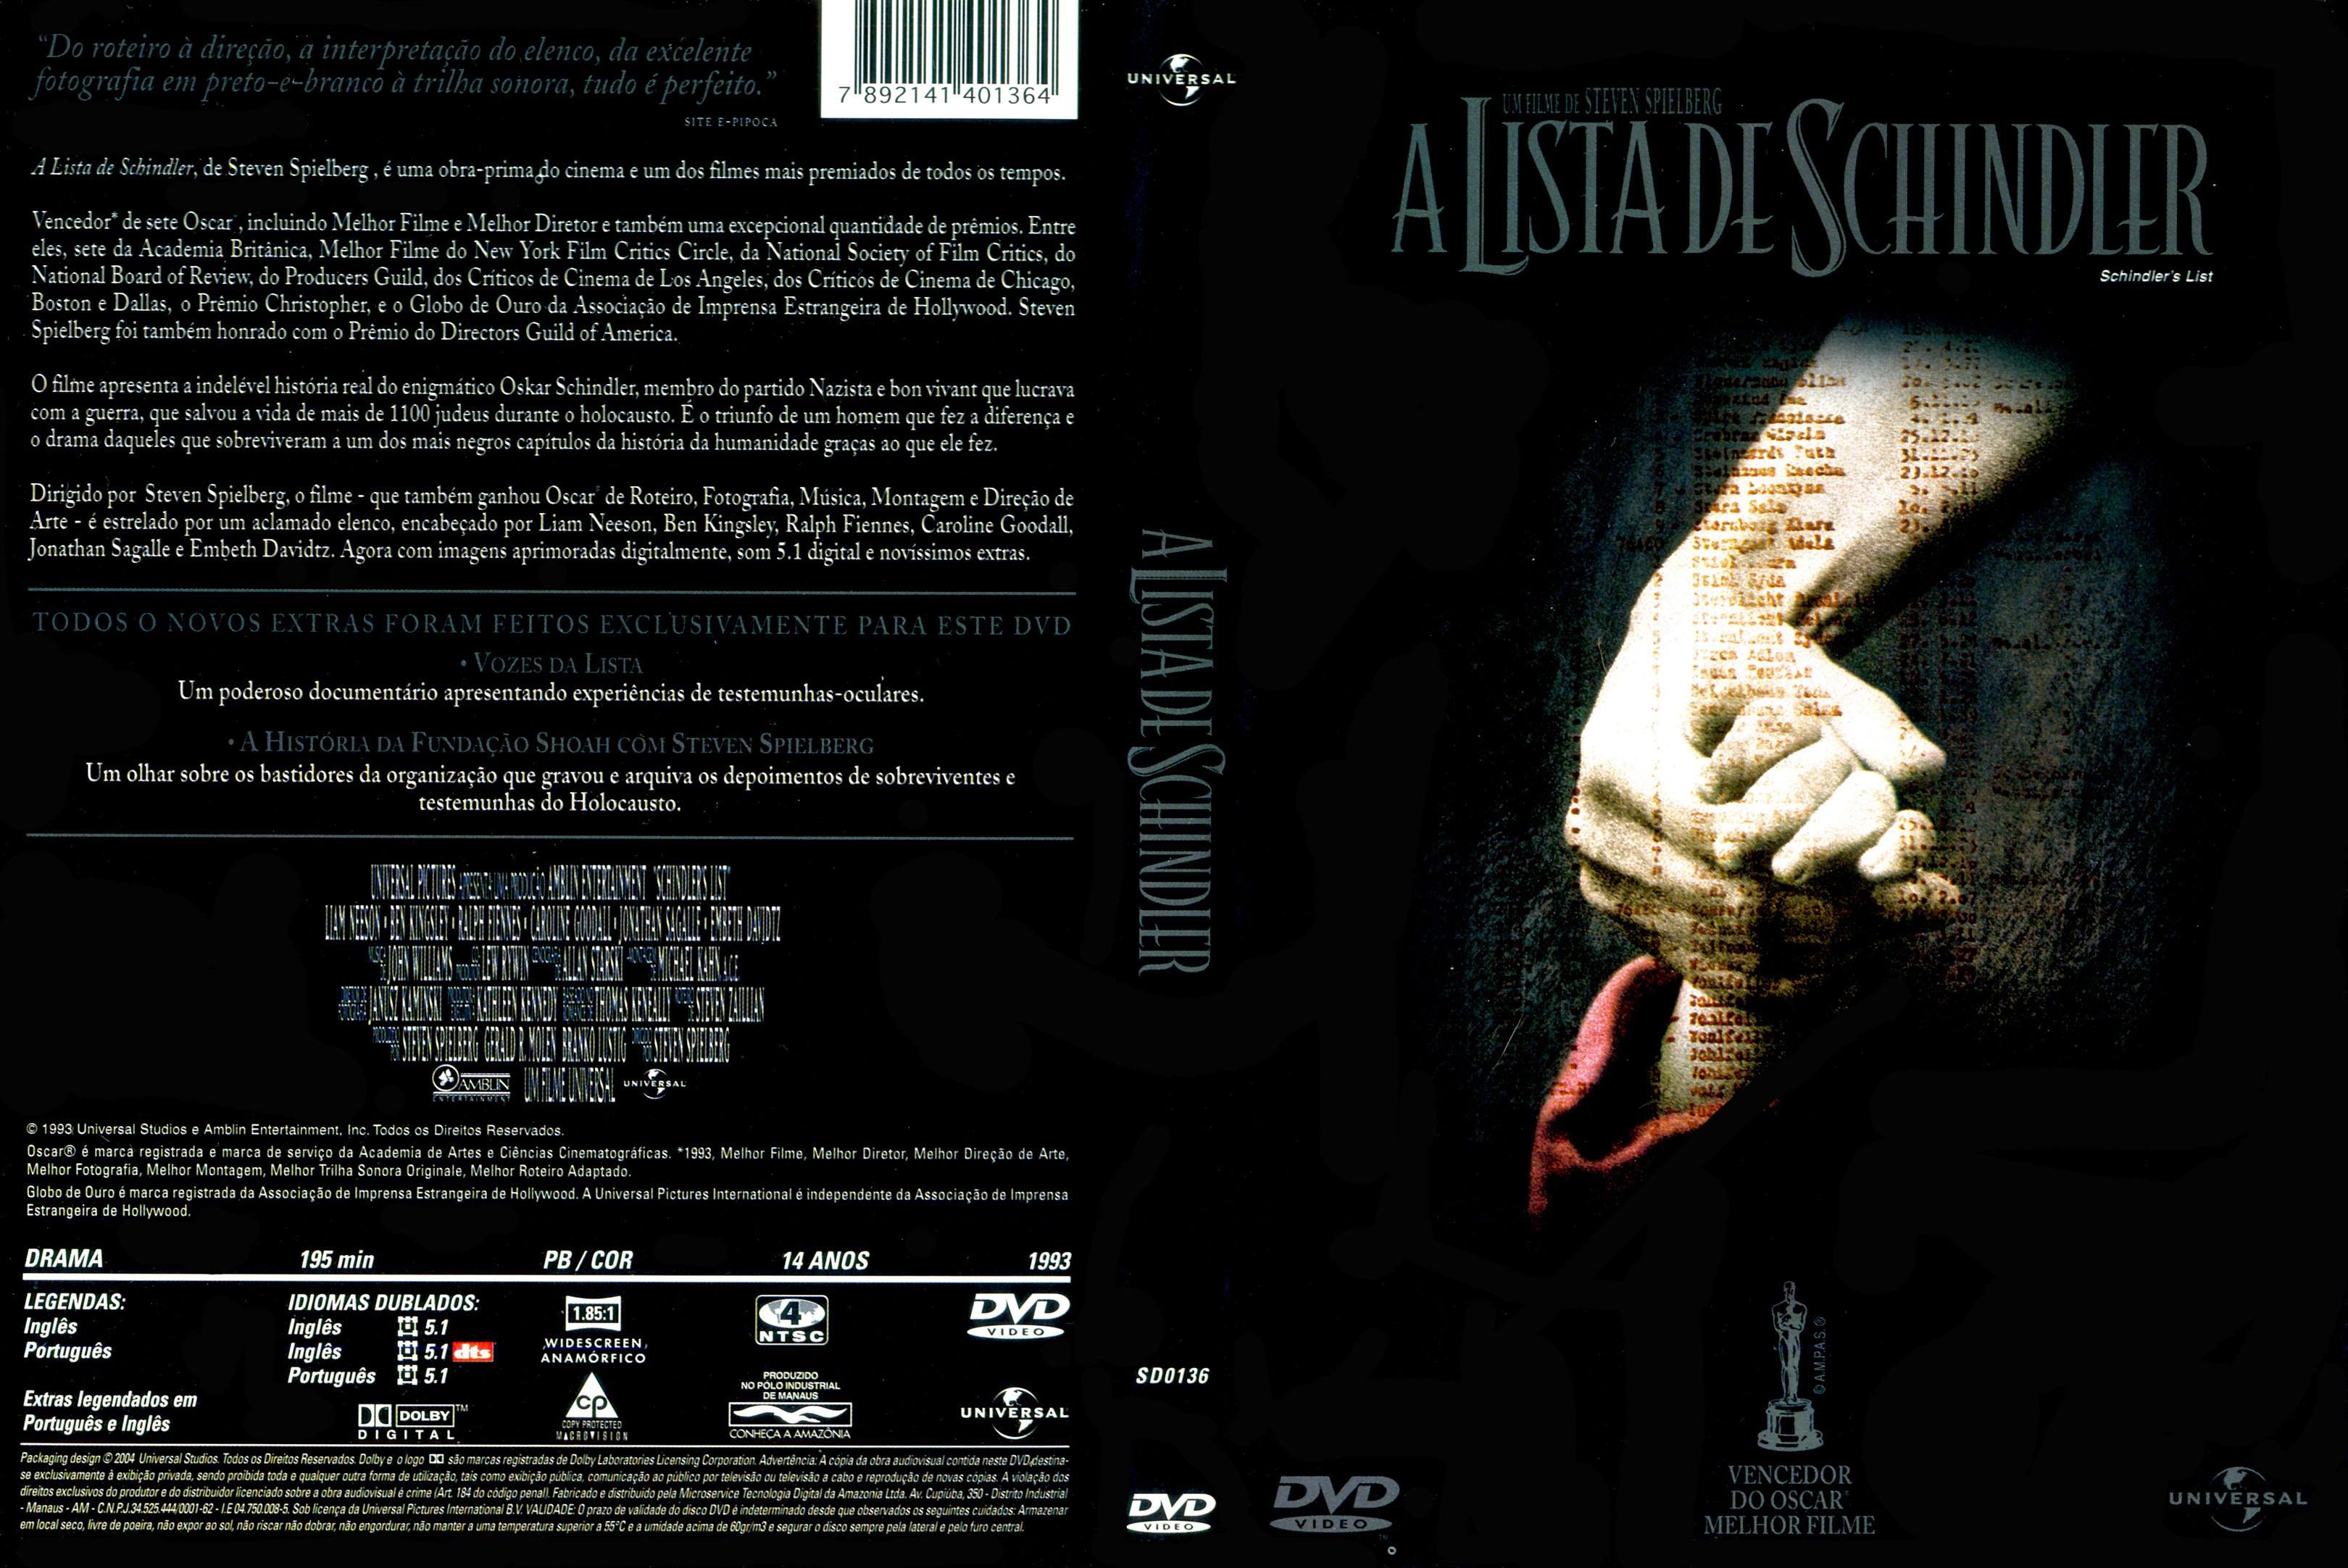 AListaDeSchindler